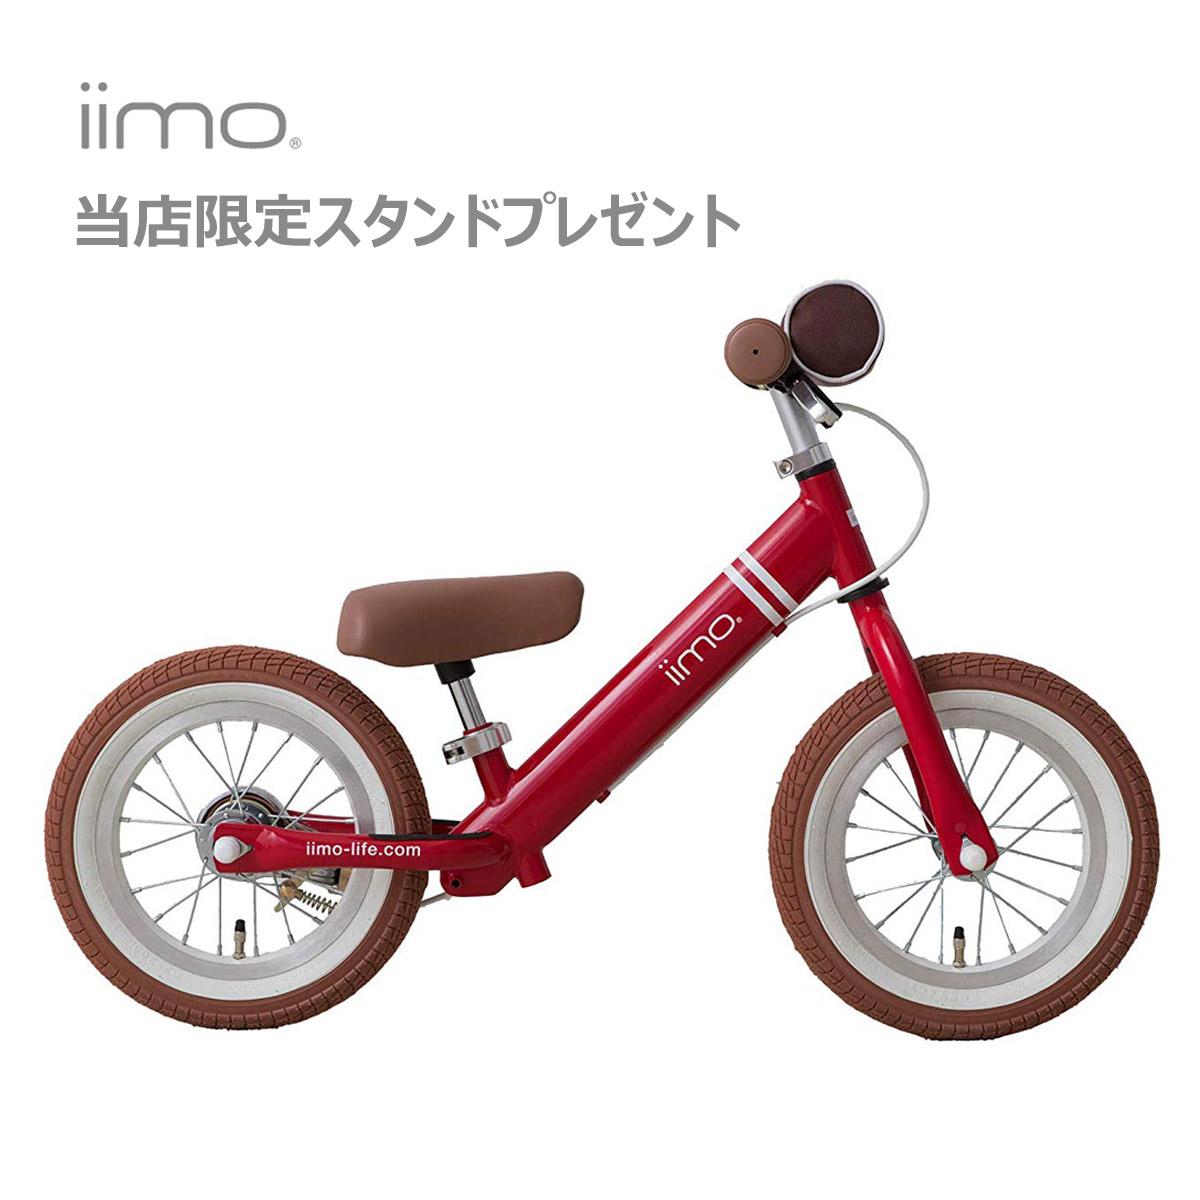 【iimoポシェット+当店限定スタンドorプロテクタープレゼント】iimo ラーニングバイク キックバイク ペダルなし自転車 バランスバイク iimo ecruがかわいい